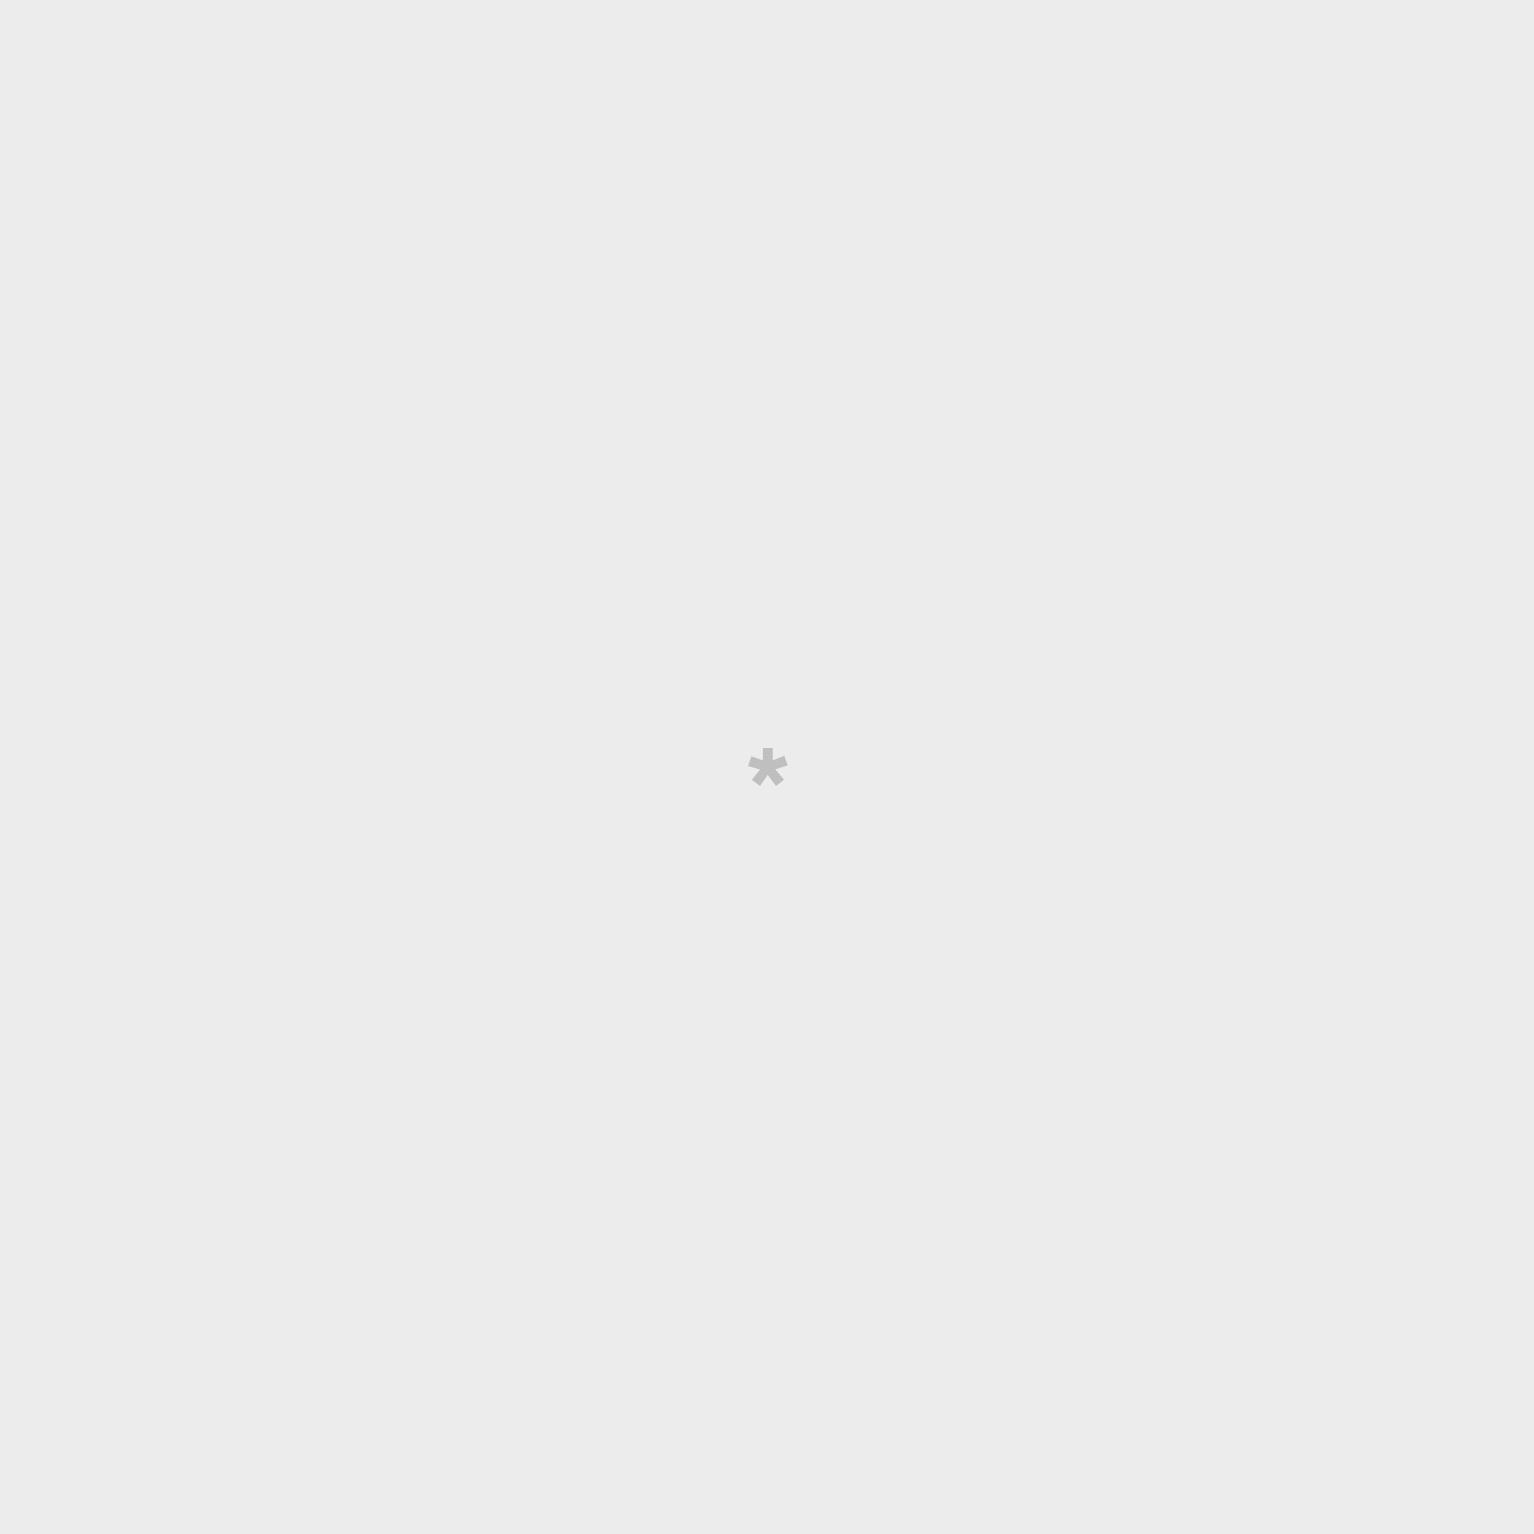 Sac de course pliable bleu - Collect memories, not plastic bags